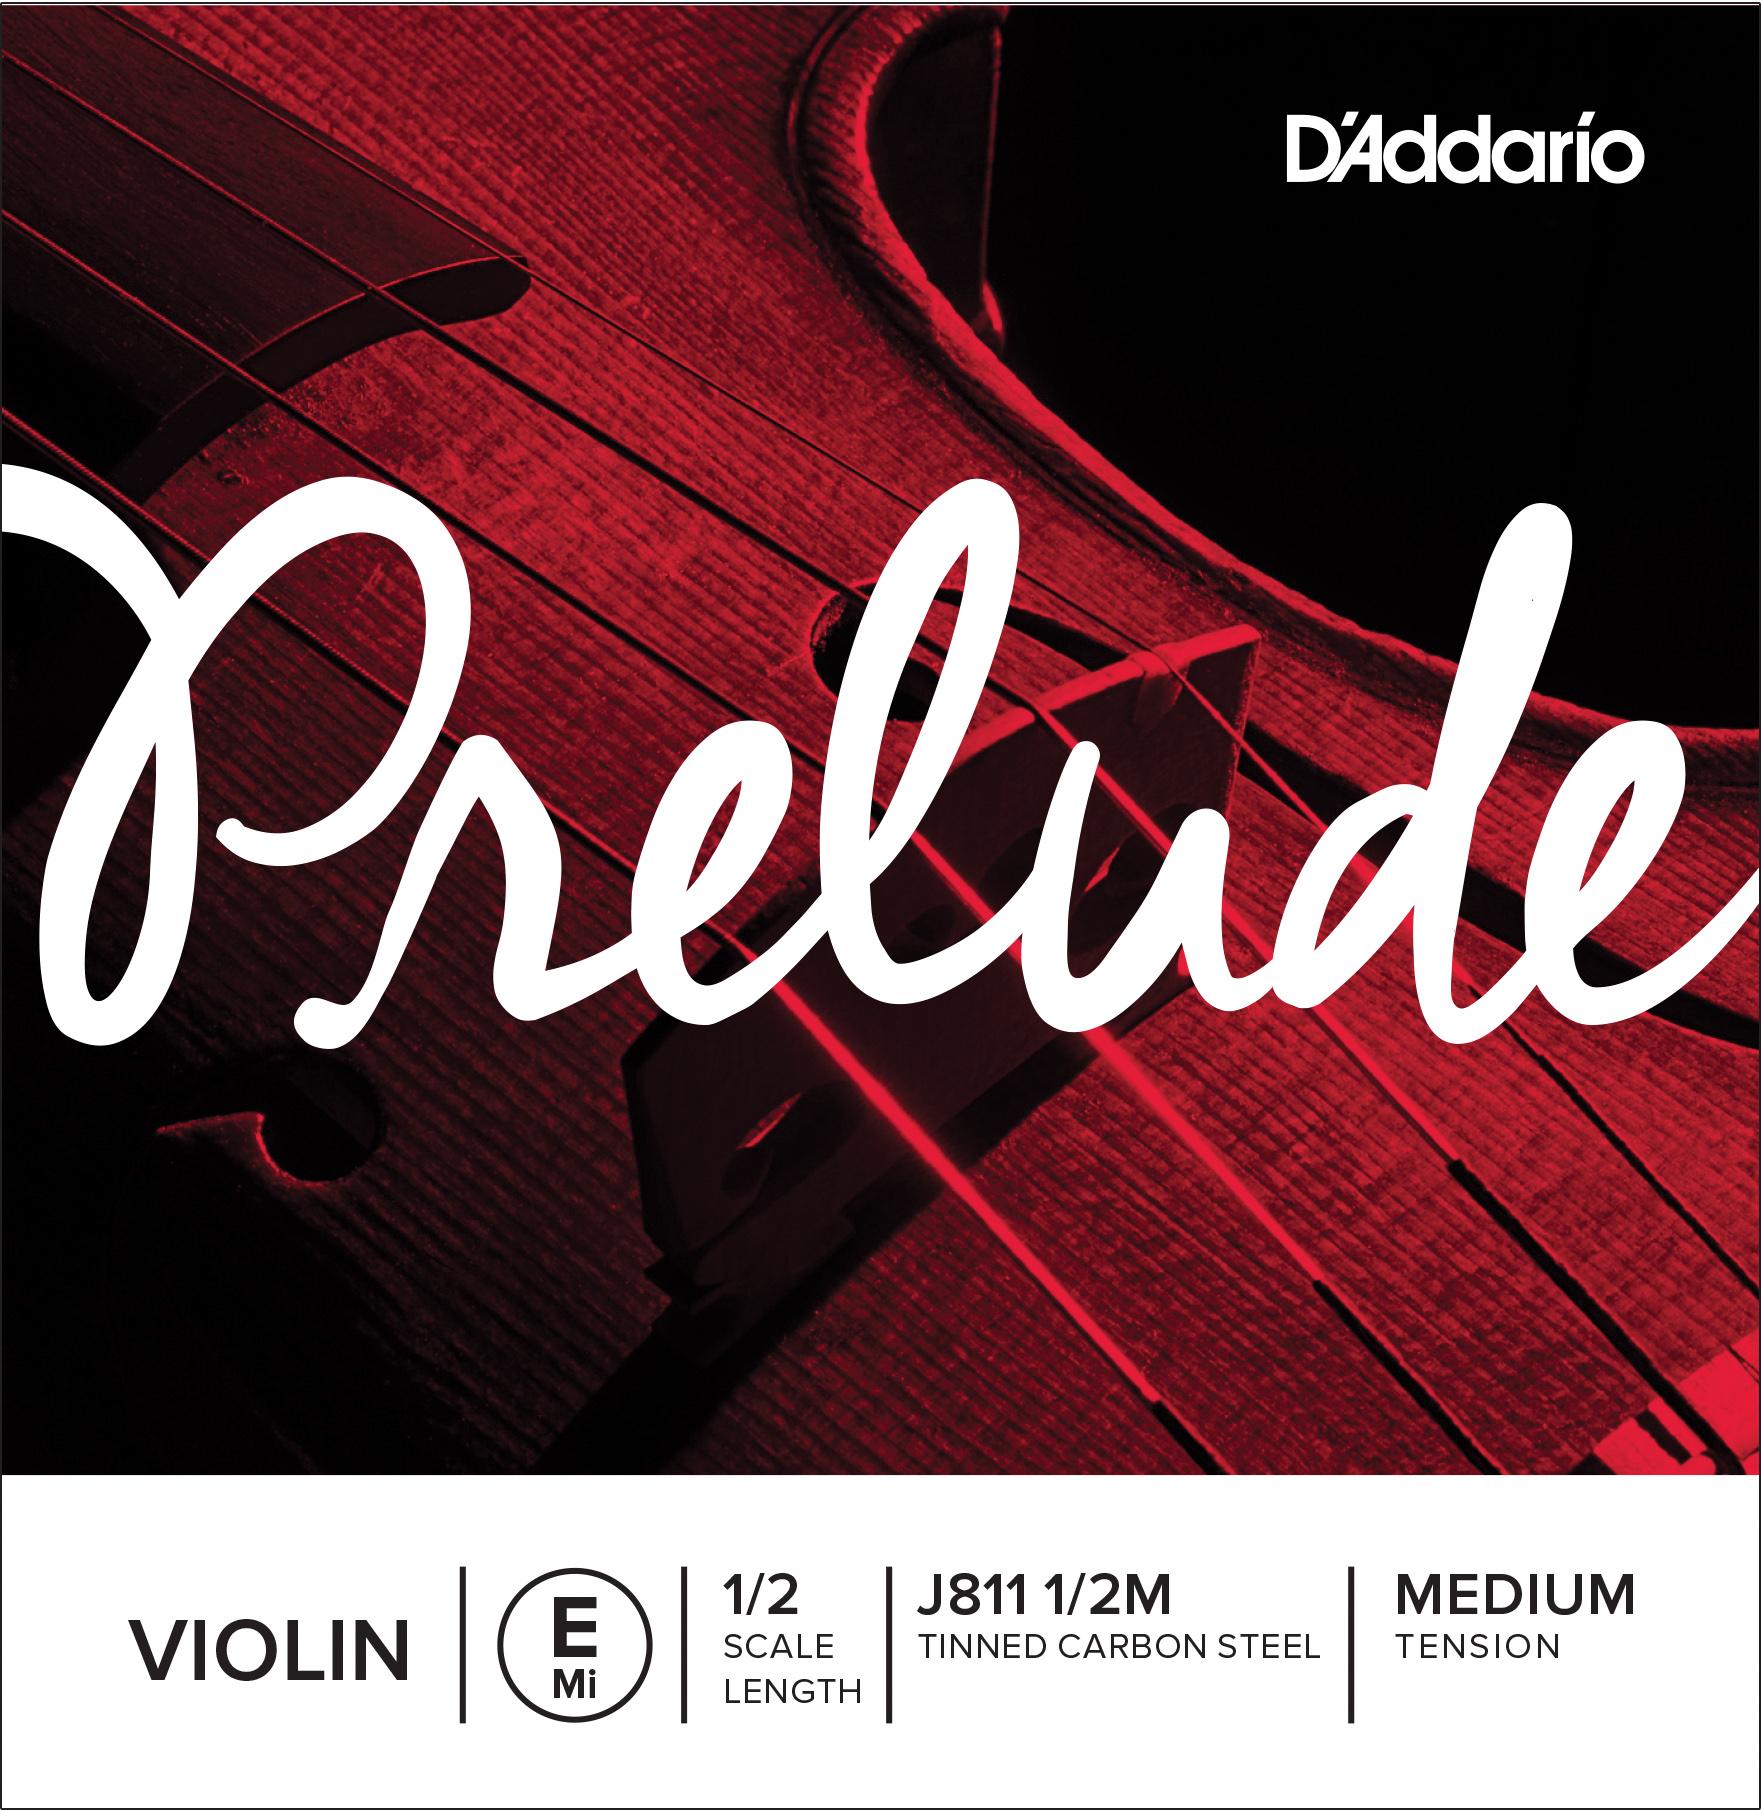 D'Addario Prelude Violin Single E String, 1/2 Scale, Medium Tension